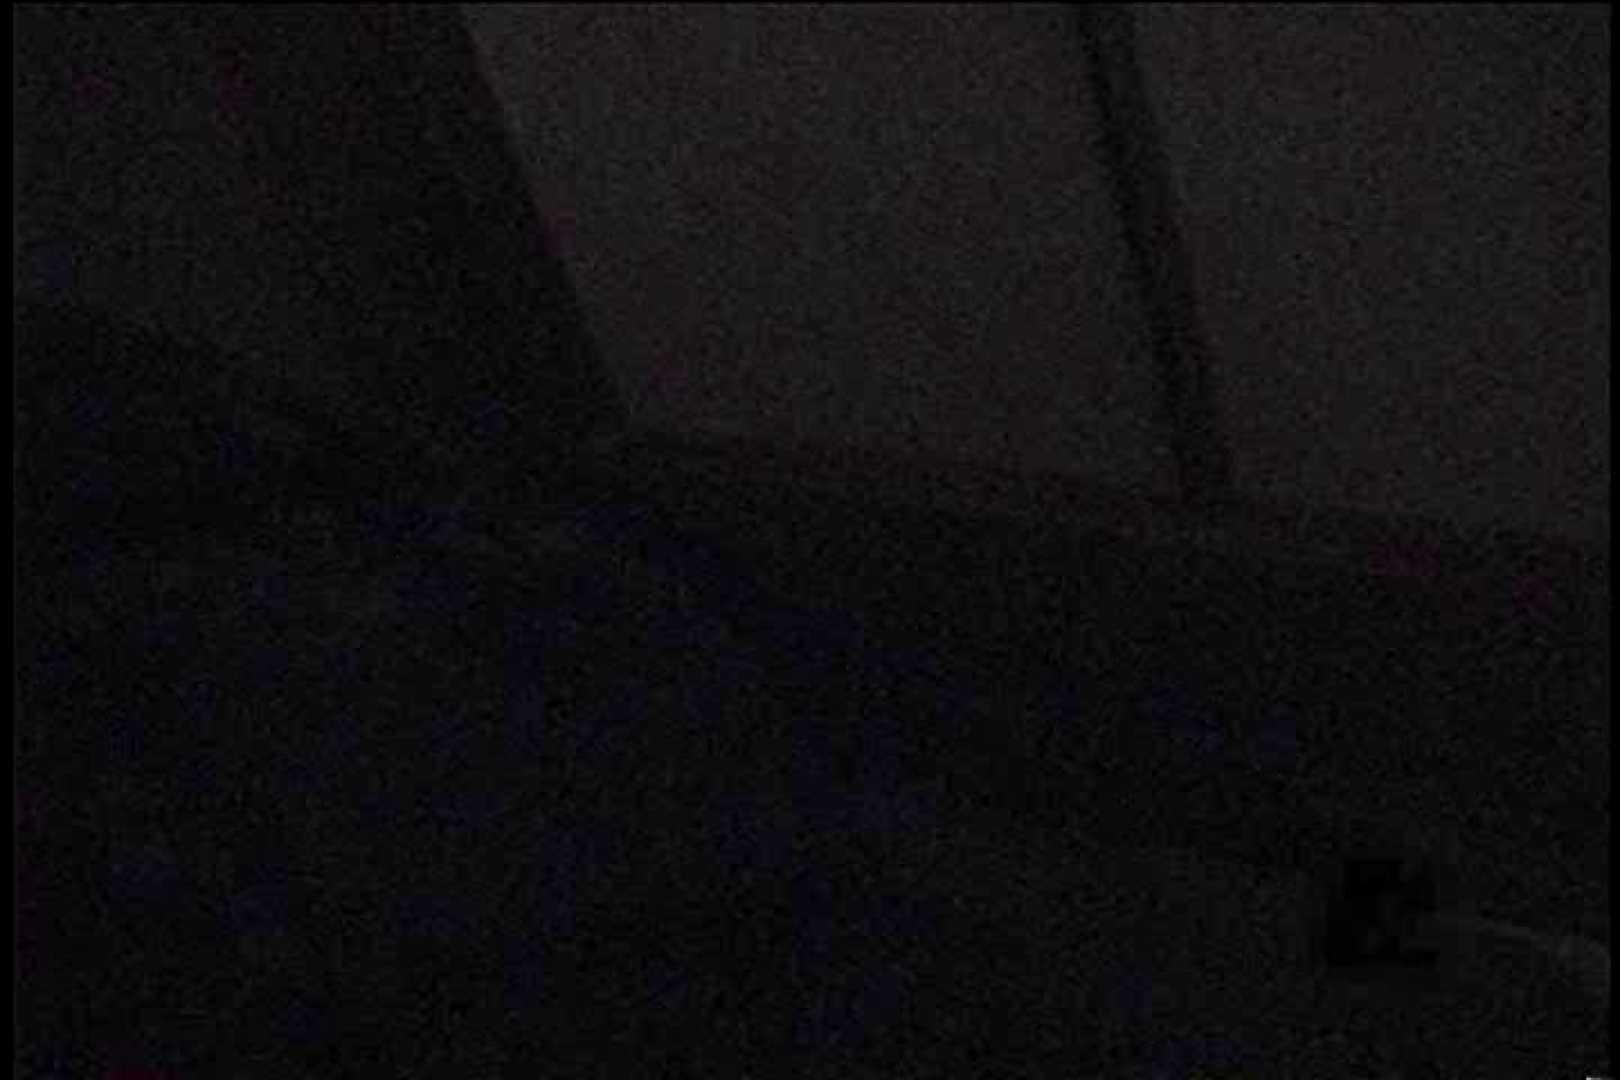 暗躍する夜這い師達Vol.1 エロティックなOL | ワルノリ  95画像 73